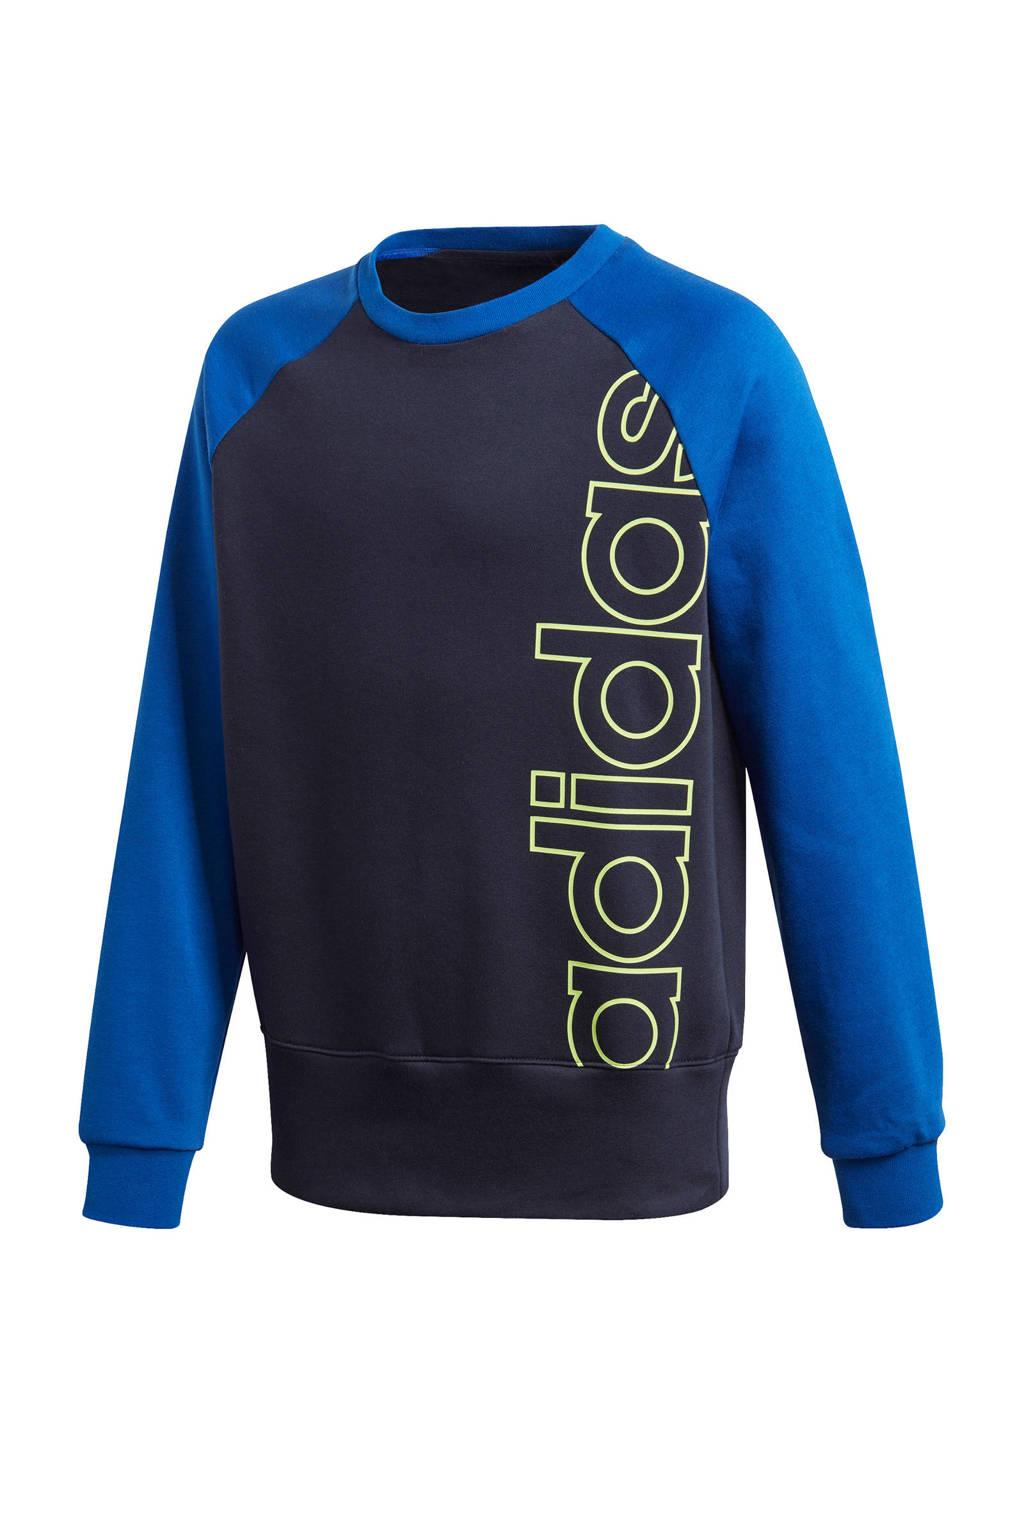 adidas Performance   sportsweater donkerblauw/blauw, Donkerblauw/blauw